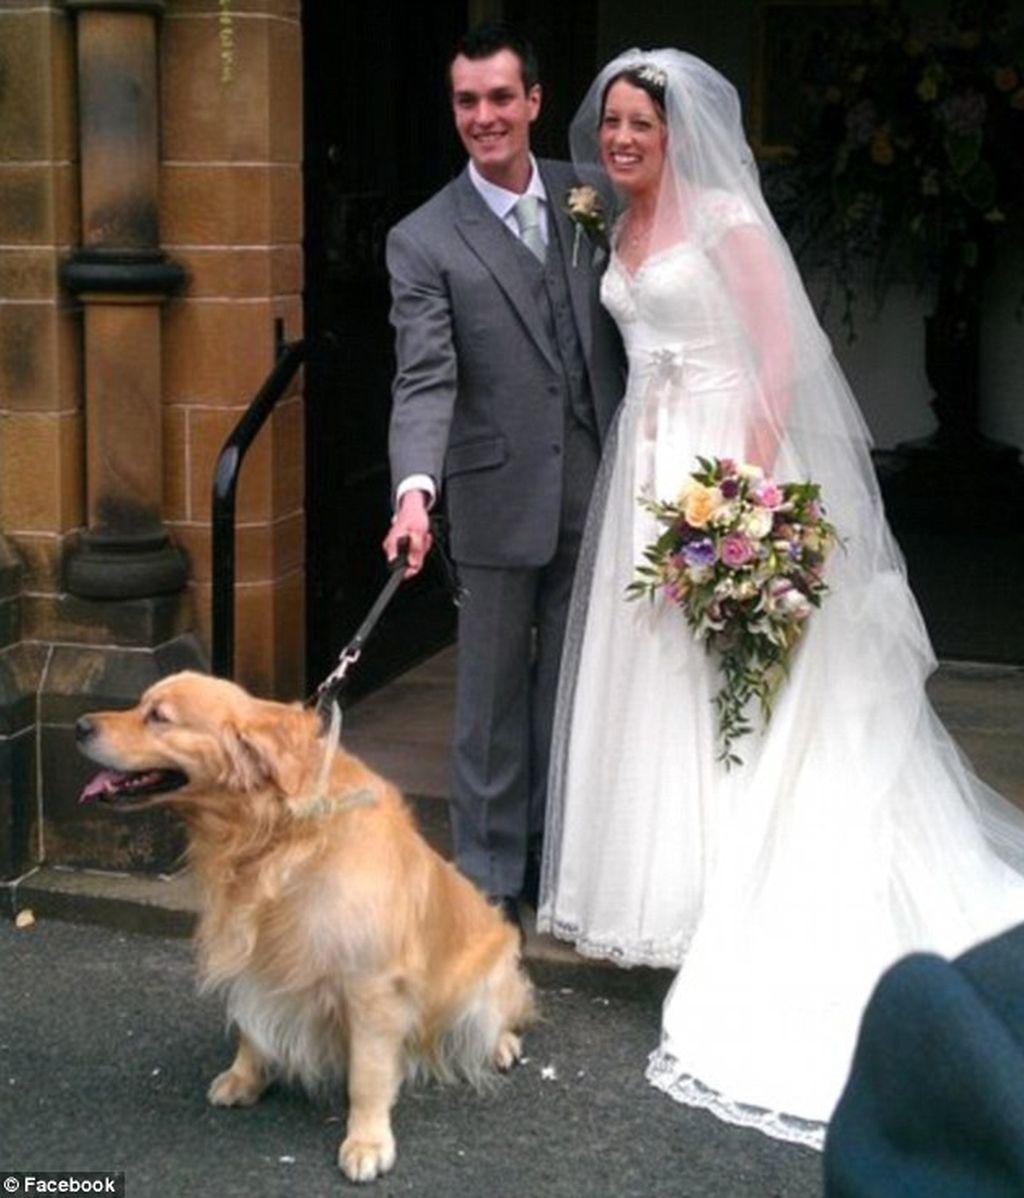 Ian Redmond, de 30 años,  y Gemma Houghton, de 27, en su boda